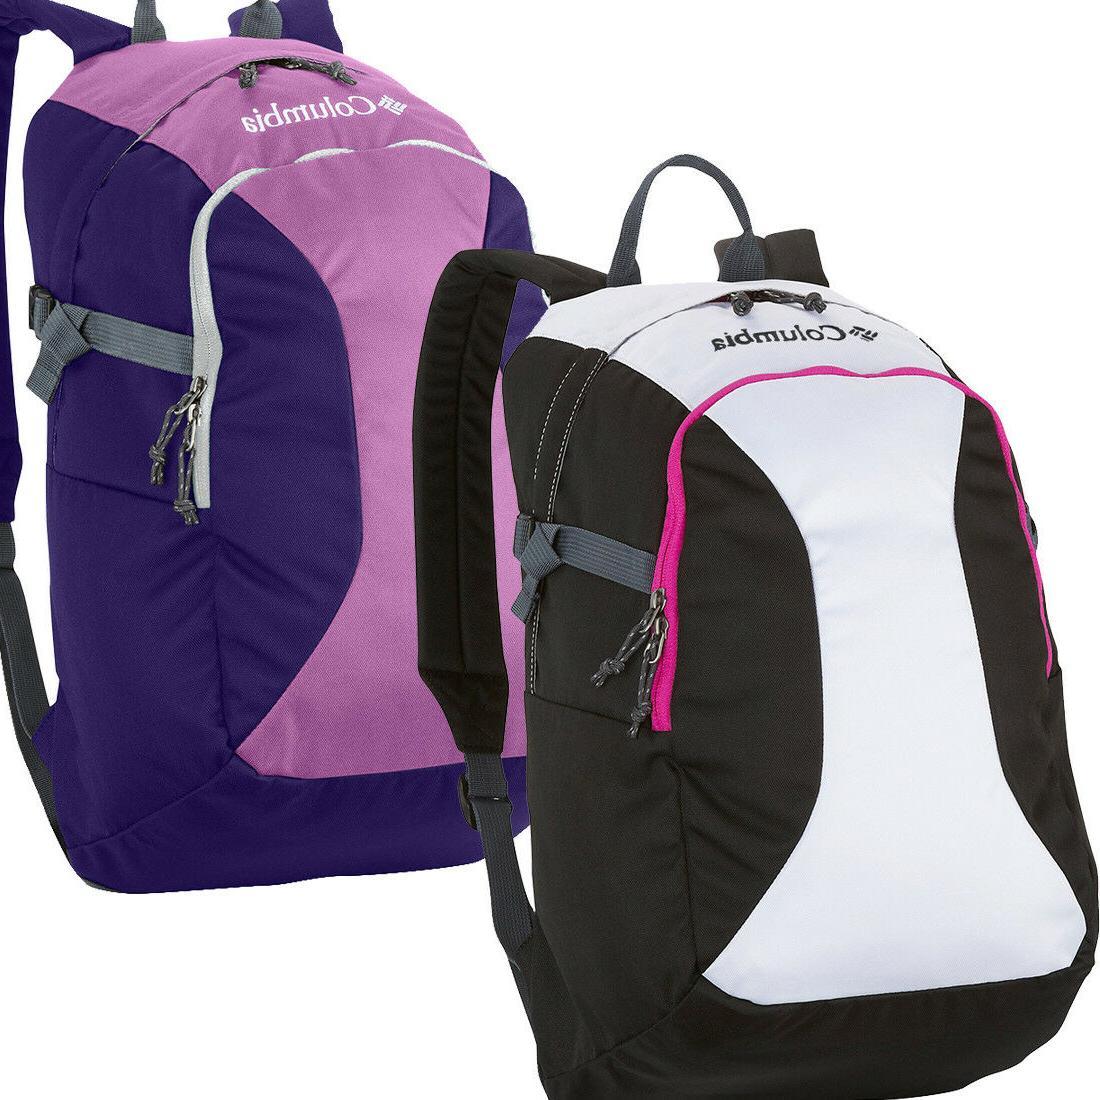 new windward hiking travel backpack daypack omni